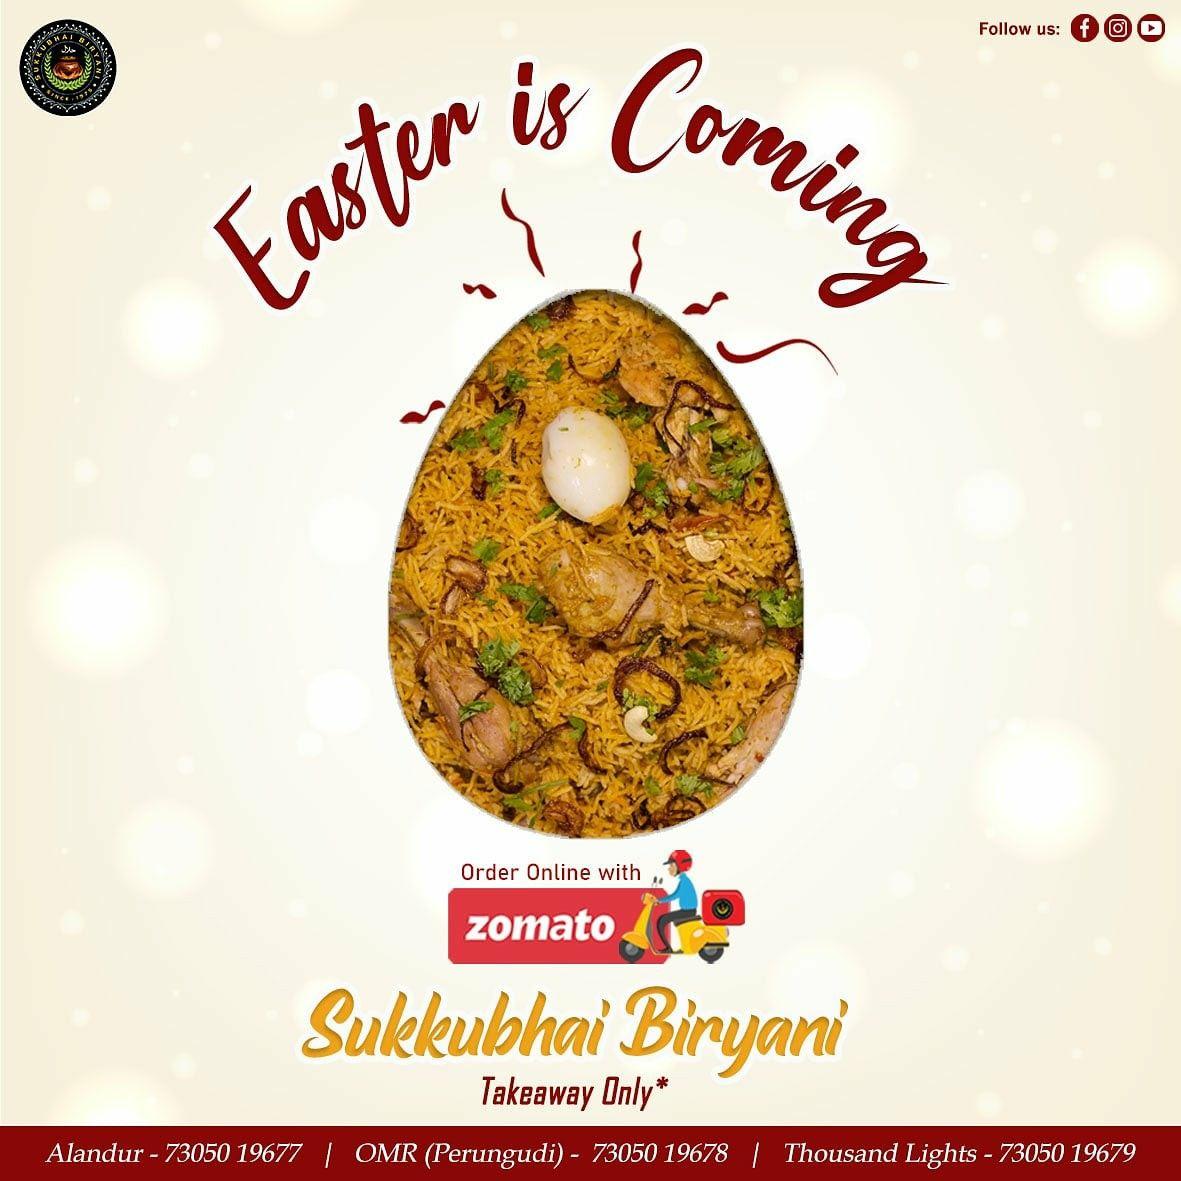 Easter At Home Best Biryani In Chennai In 2020 Biryani Veg Restaurant Signature Dishes